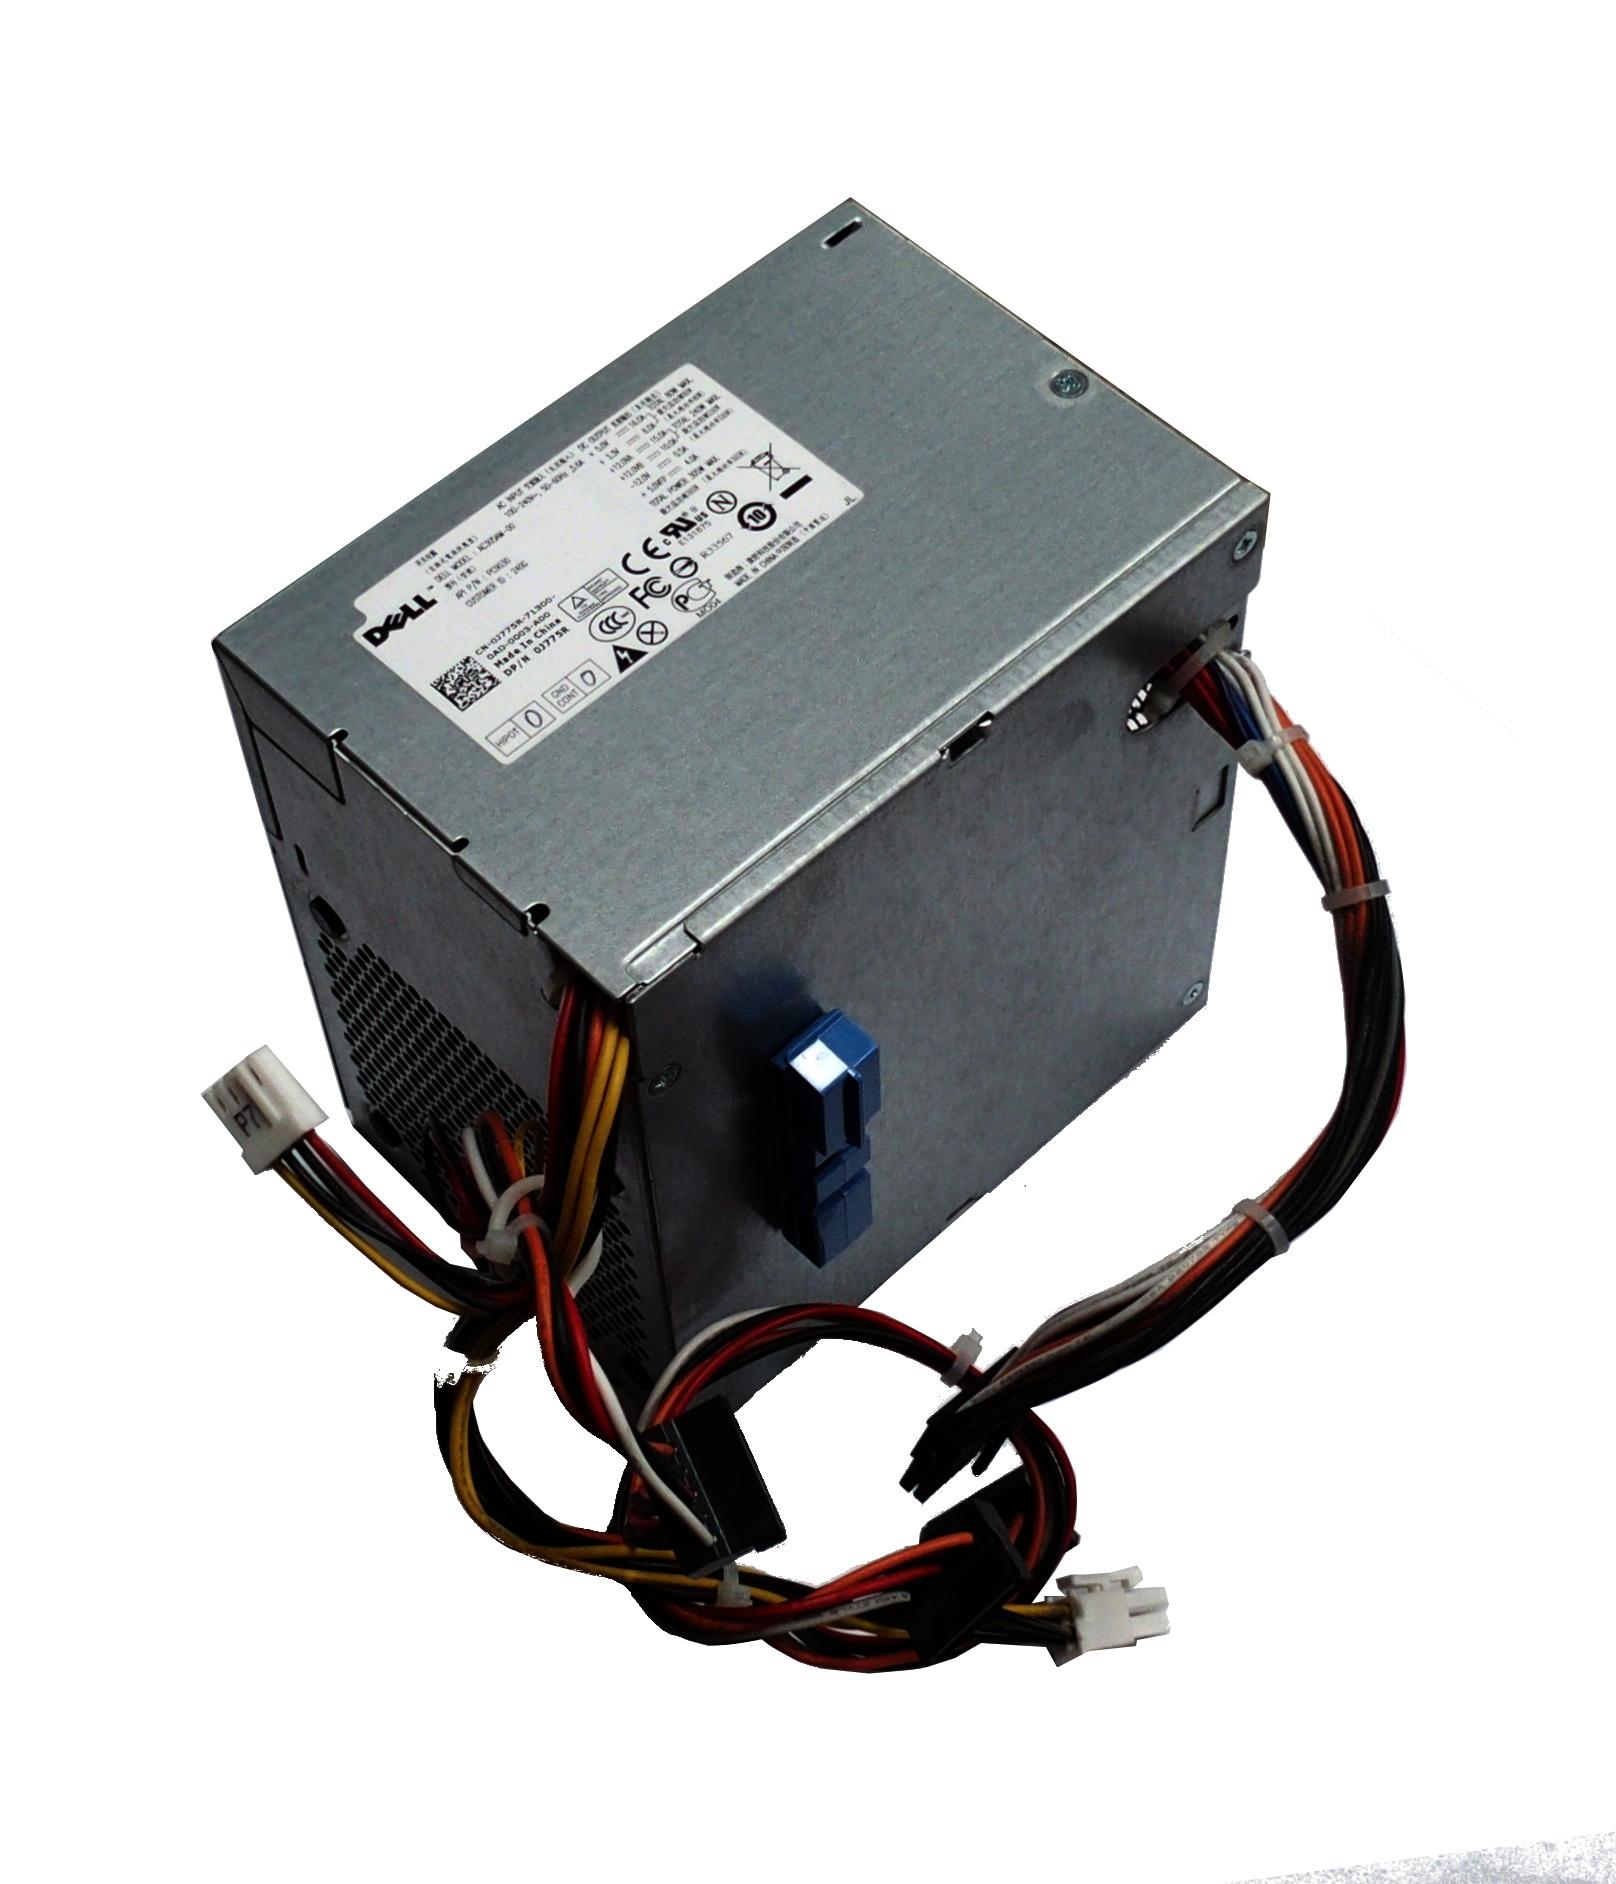 Dell J775R AC305AM-00 305W Power Supply For Optiplex 780 960 MT PC